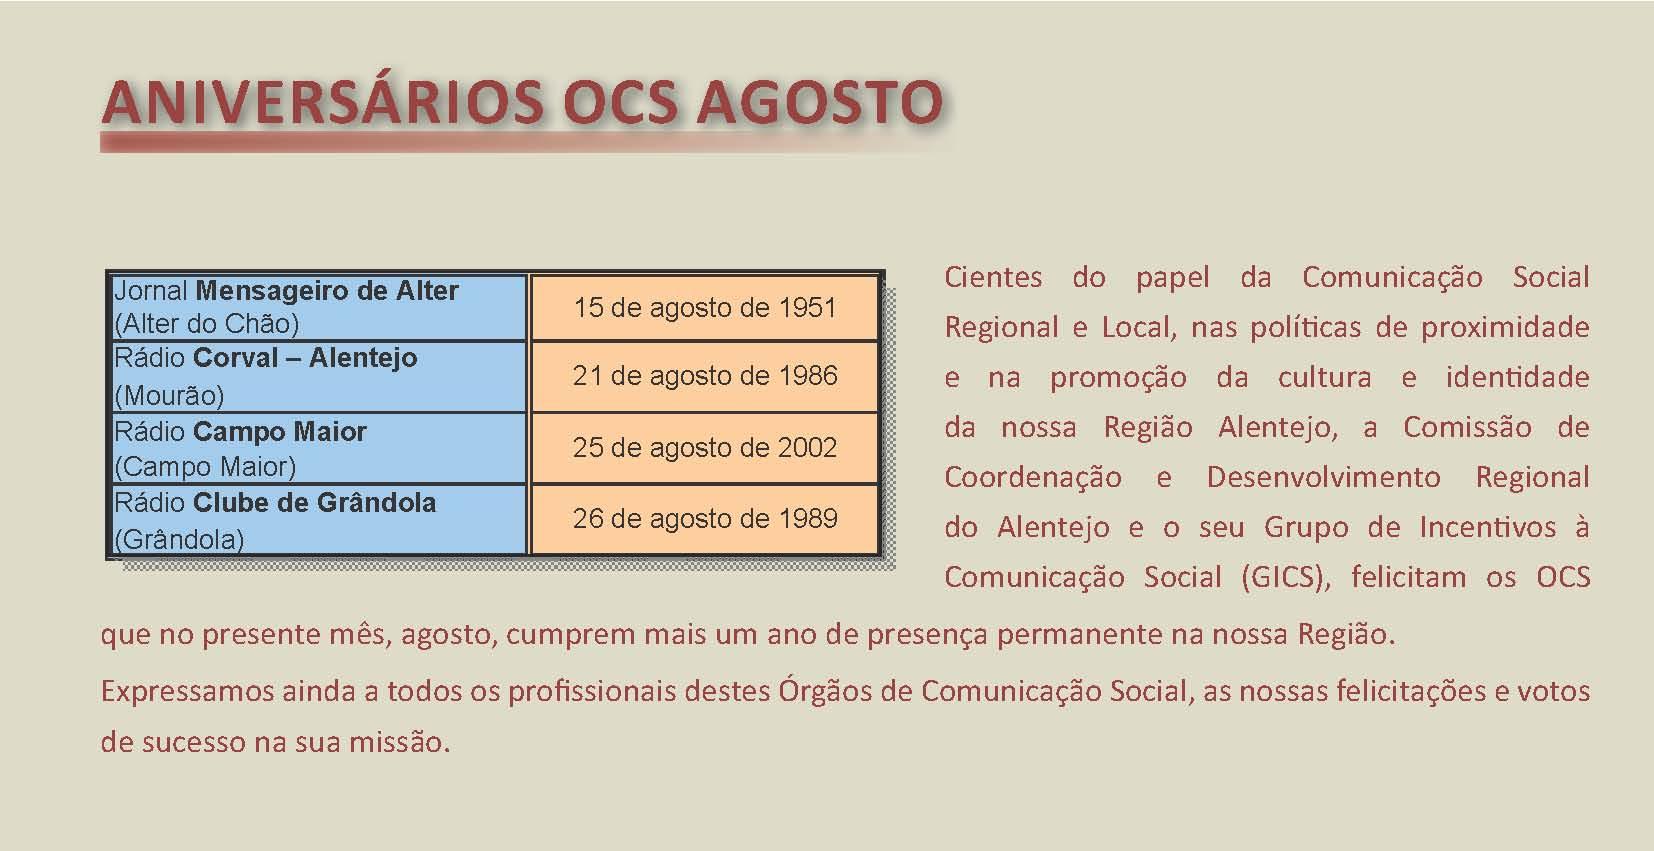 Aniversário em julho de 2018 OCS da Região Alentejo